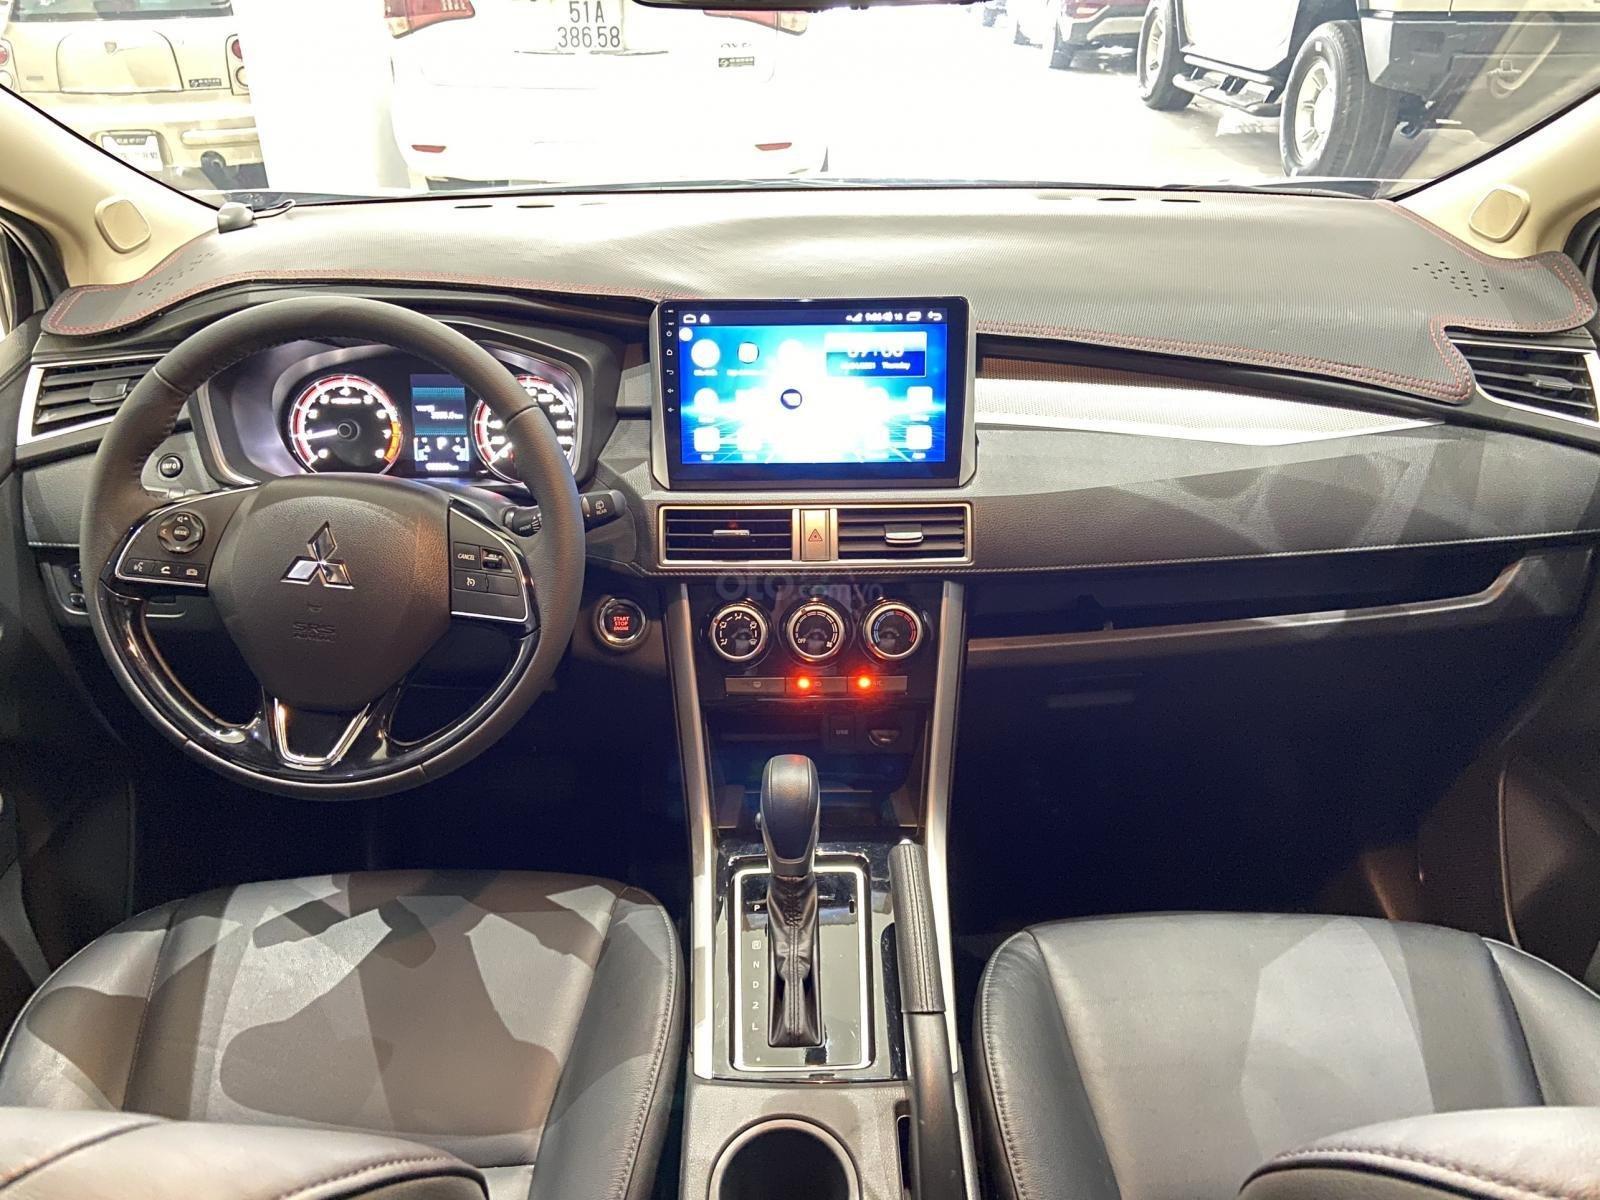 Bán xe Mitsubishi Xpander năm sản xuất 2020, màu Bạc, xe đẹp, mới đi 3.000km (8)